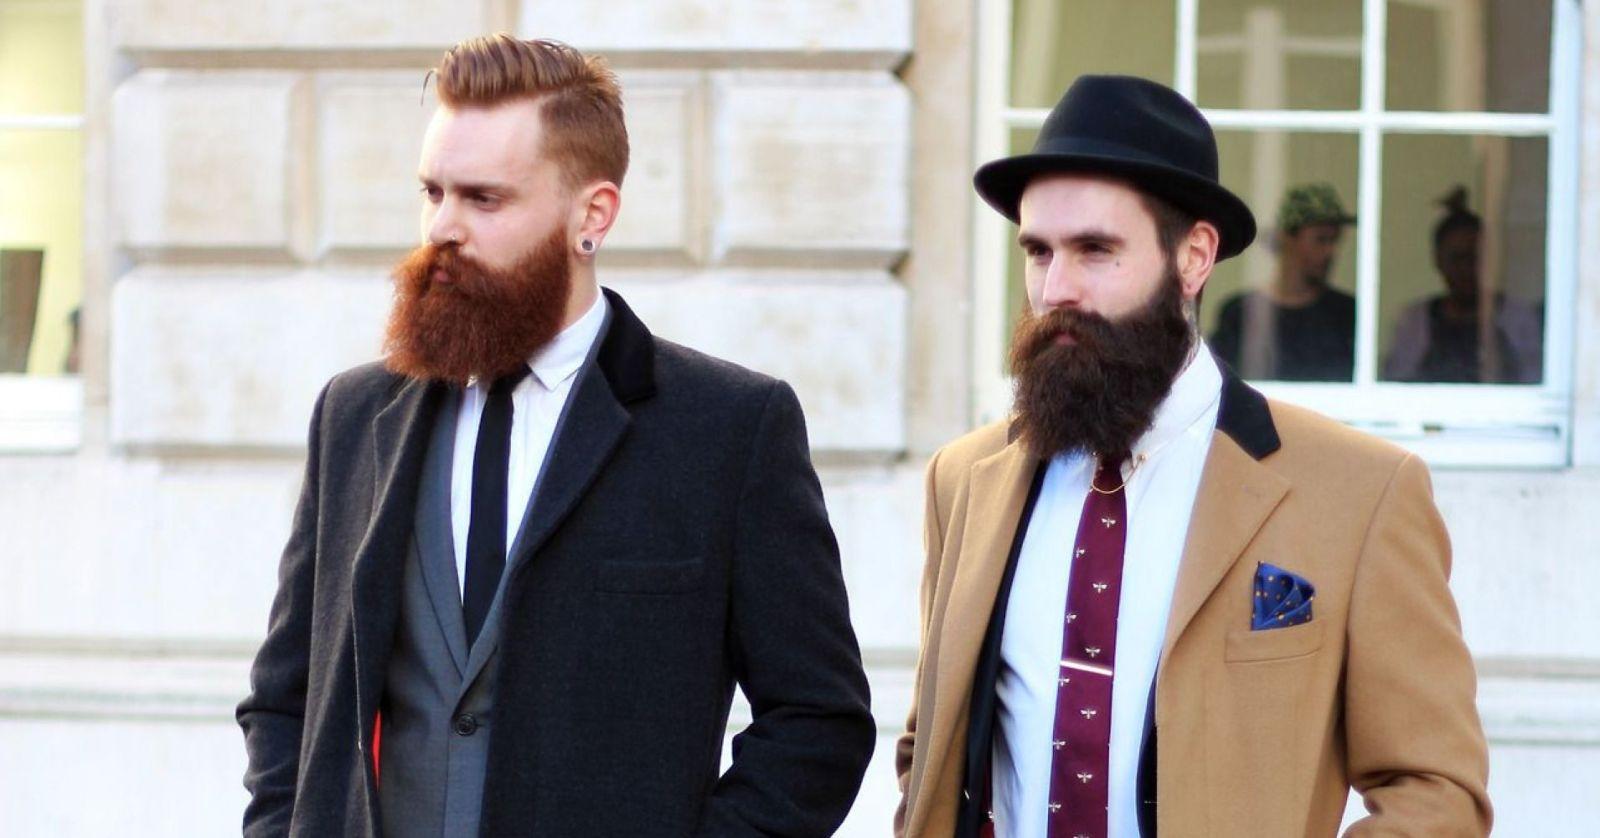 Barba da Hipster - tutto ciò che c'è da sapere